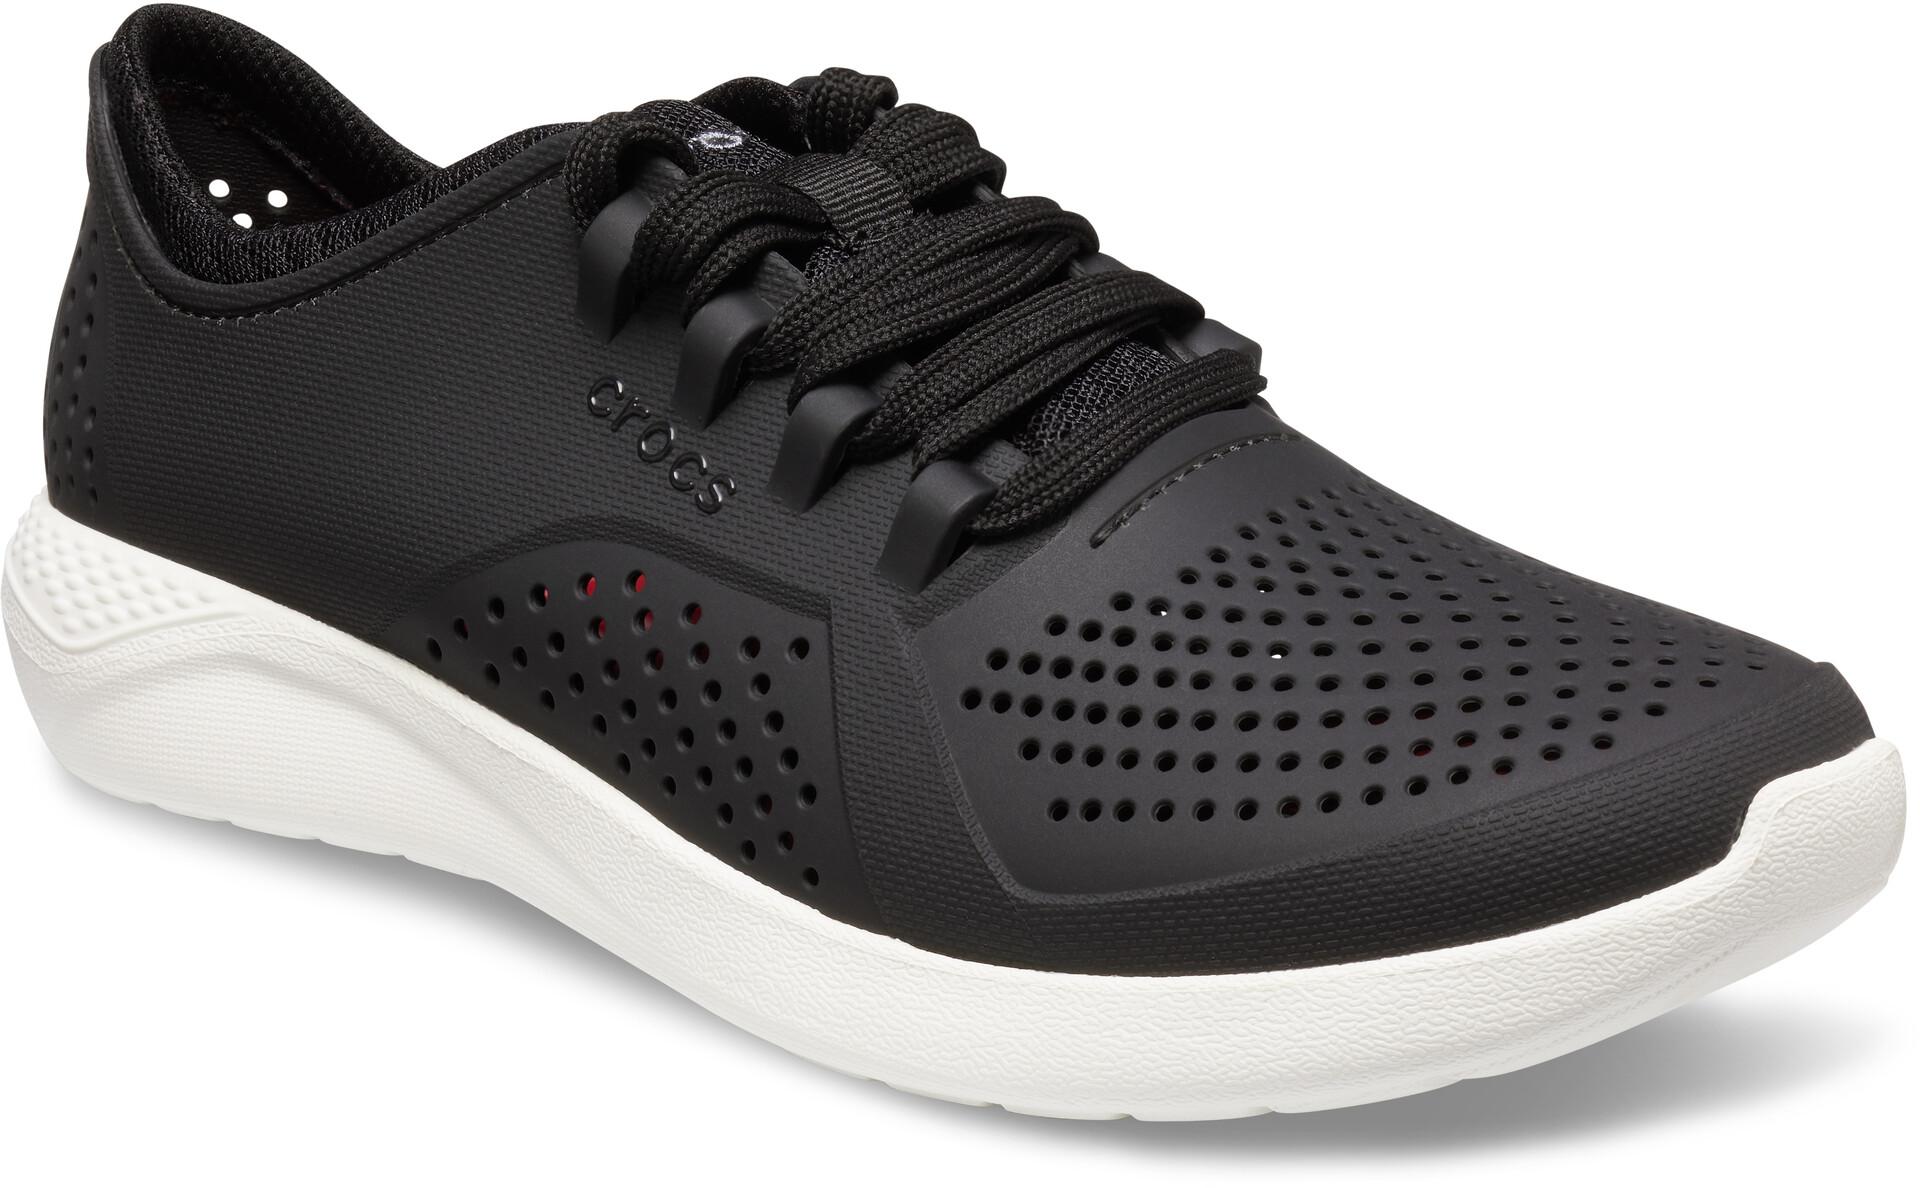 Crocs LiteRide Pacer Schoenen Dames, black